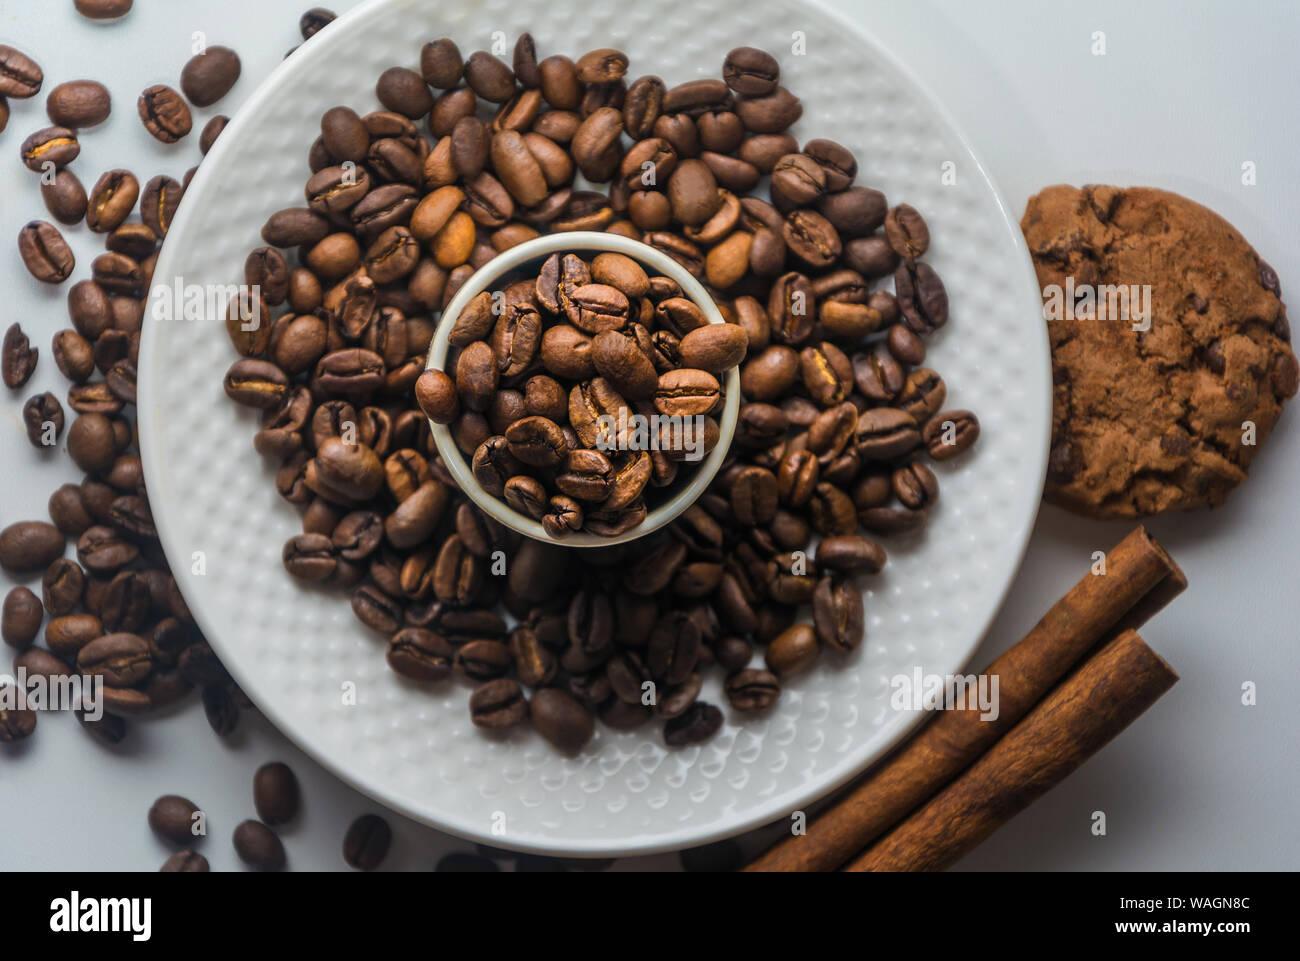 El blanco de la taza de café con café tostado en grano, canela y galletas sobre fondo blanco aisladas desde arriba. Los granos de café en la placa y en la taza. Foto de stock